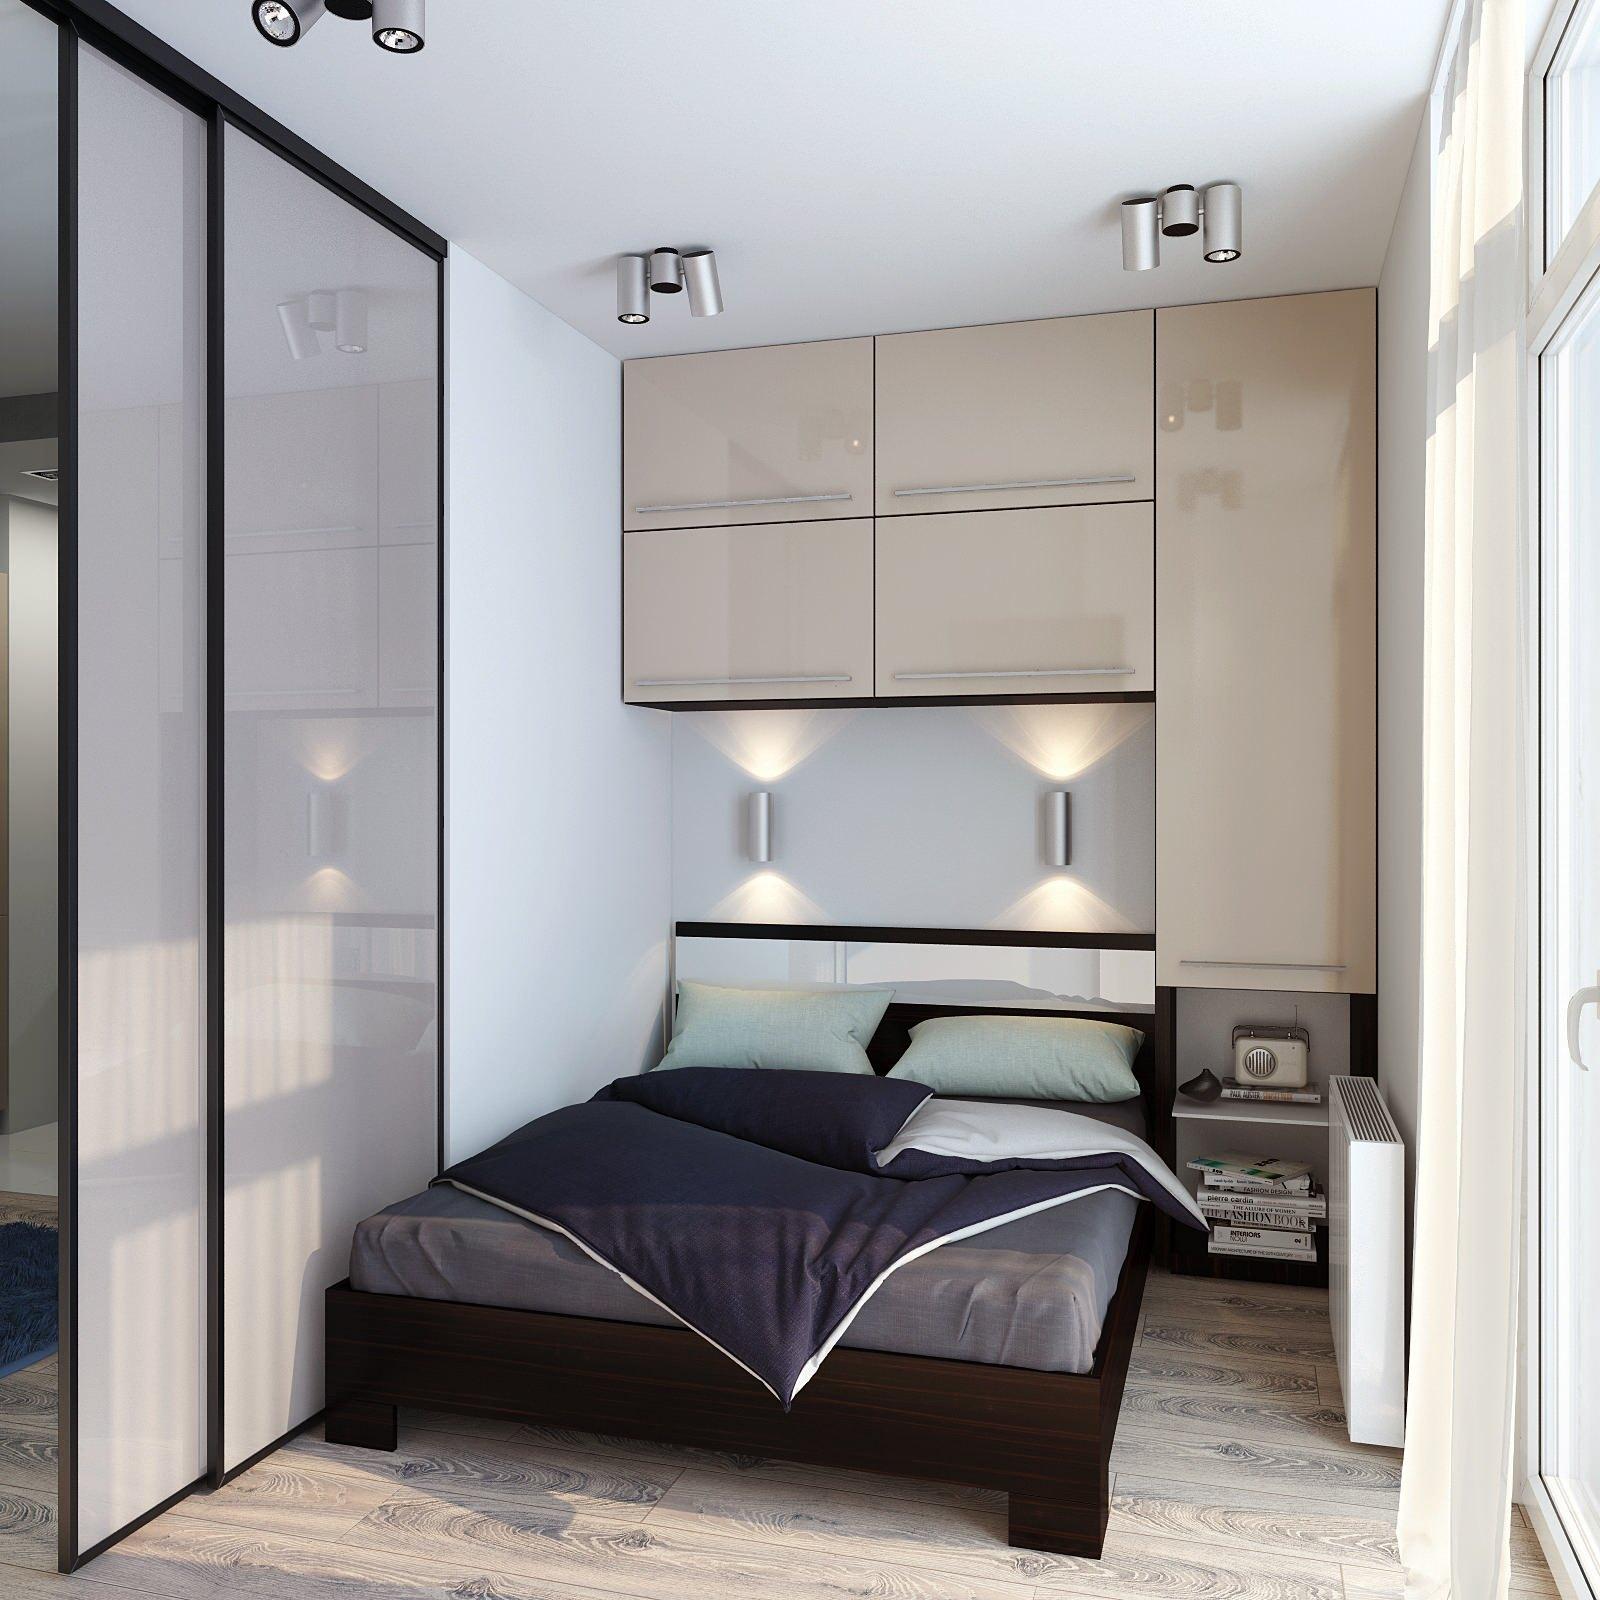 Дизайн интерьера небольшой спальни фото 11